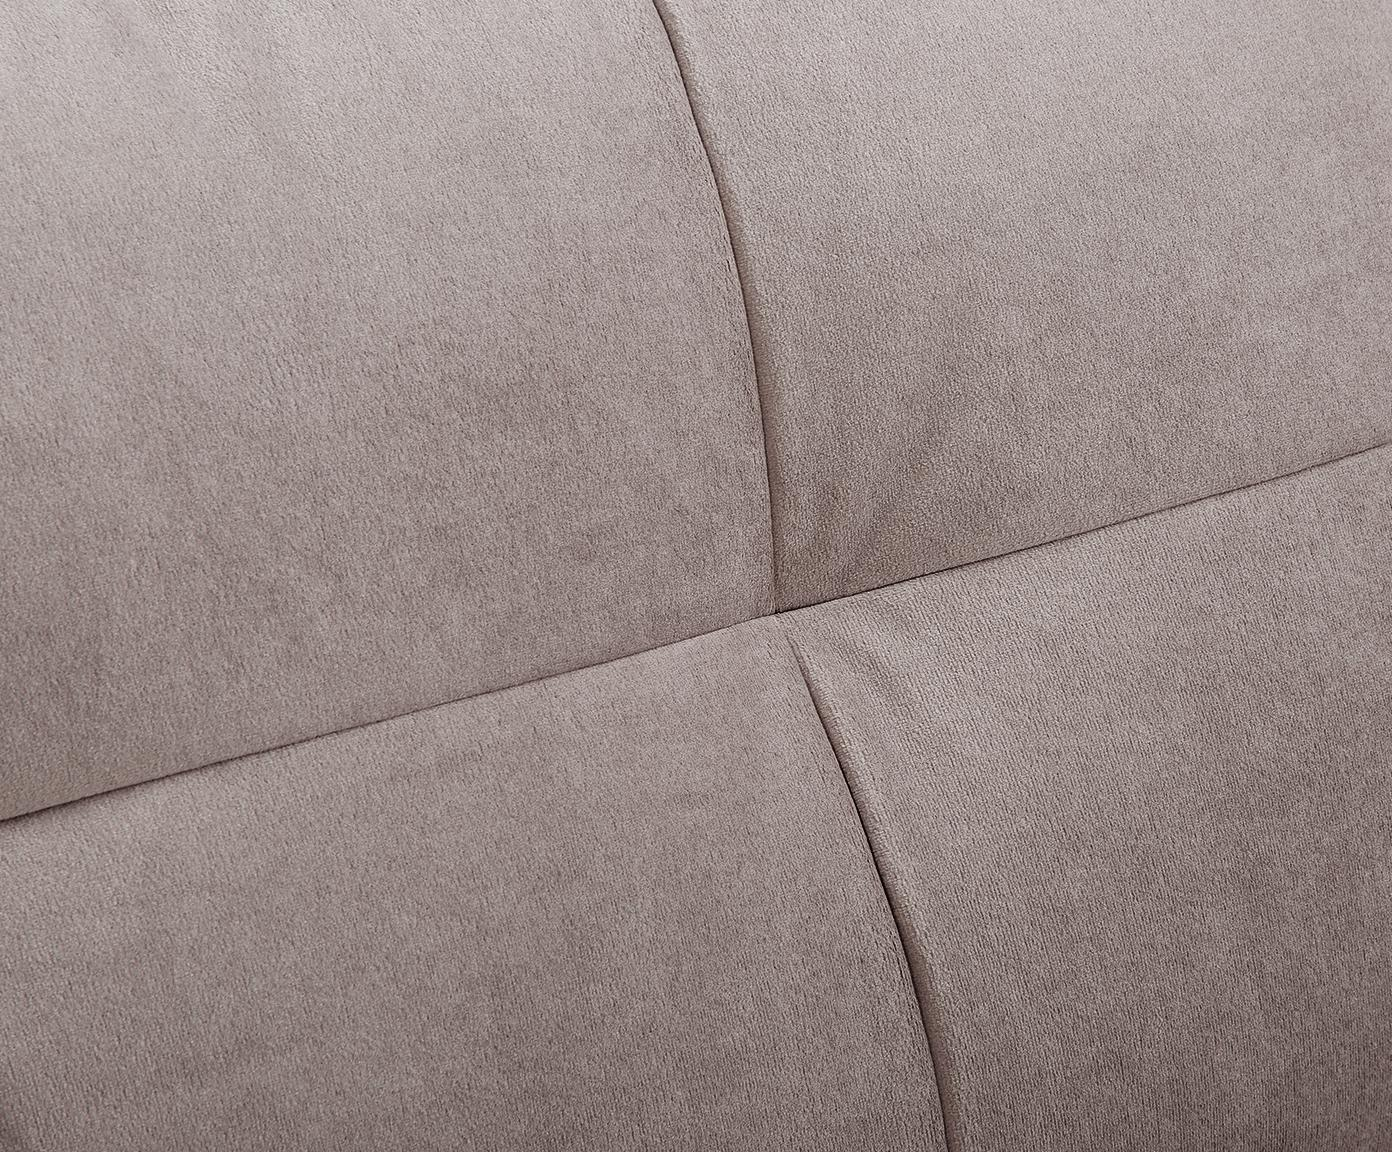 Fluwelen bank Alva (3-zits), Bekleding: fluweel (hoogwaardig poly, Frame: massief grenenhout, Poten: massief gebeitst beukenho, Taupe, B 215 x D 92 cm